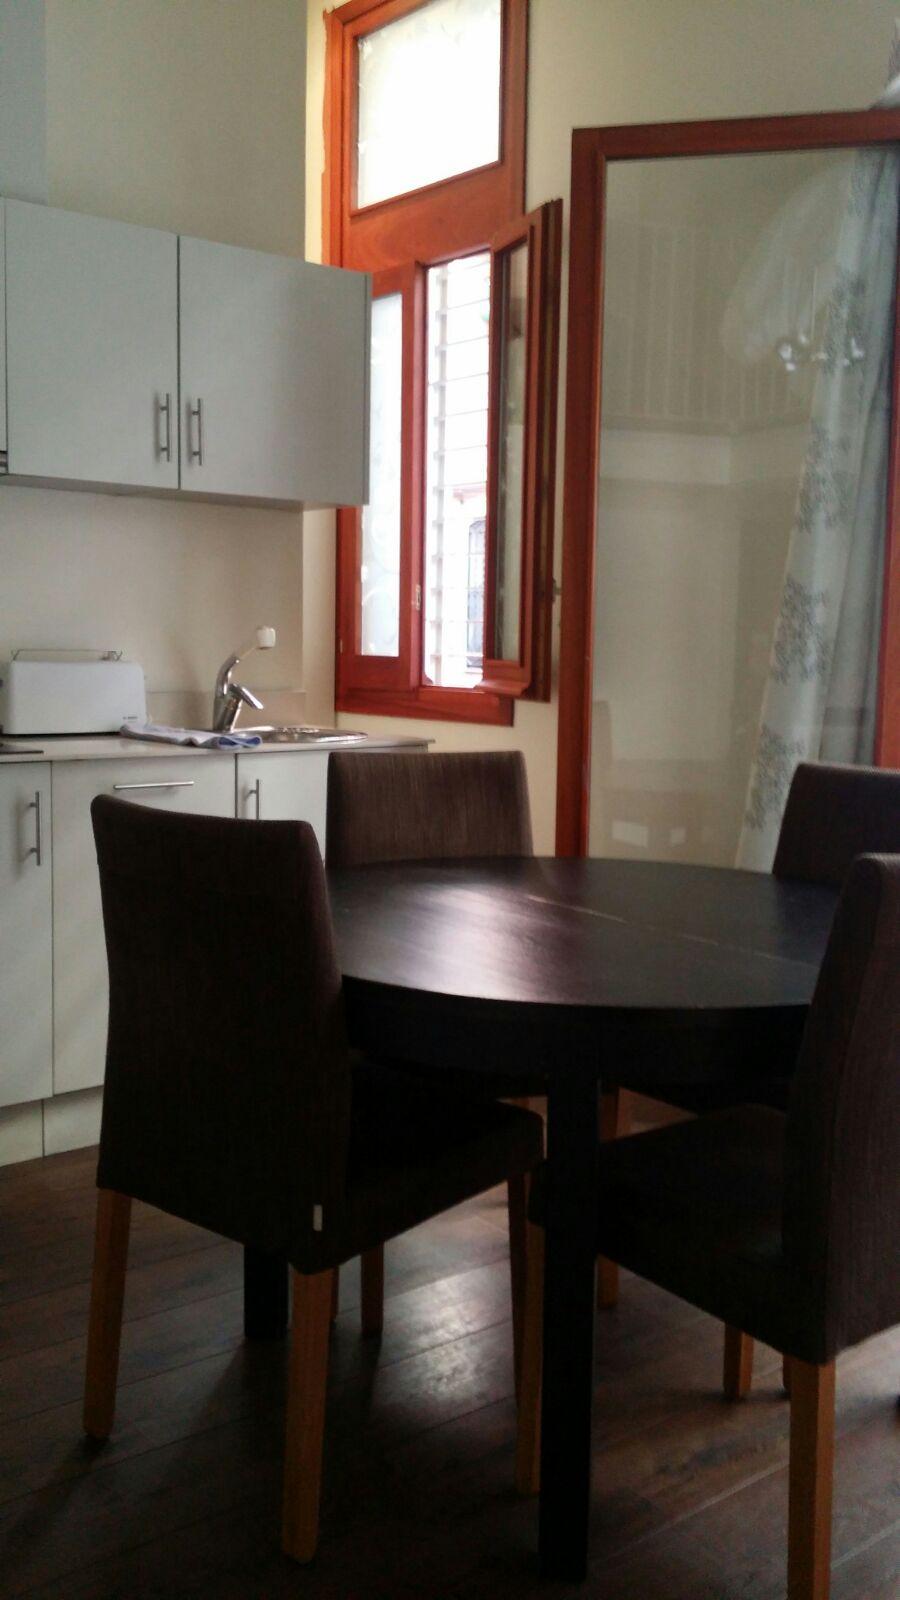 Современная кухня в здании с туристической лицензией на продажу